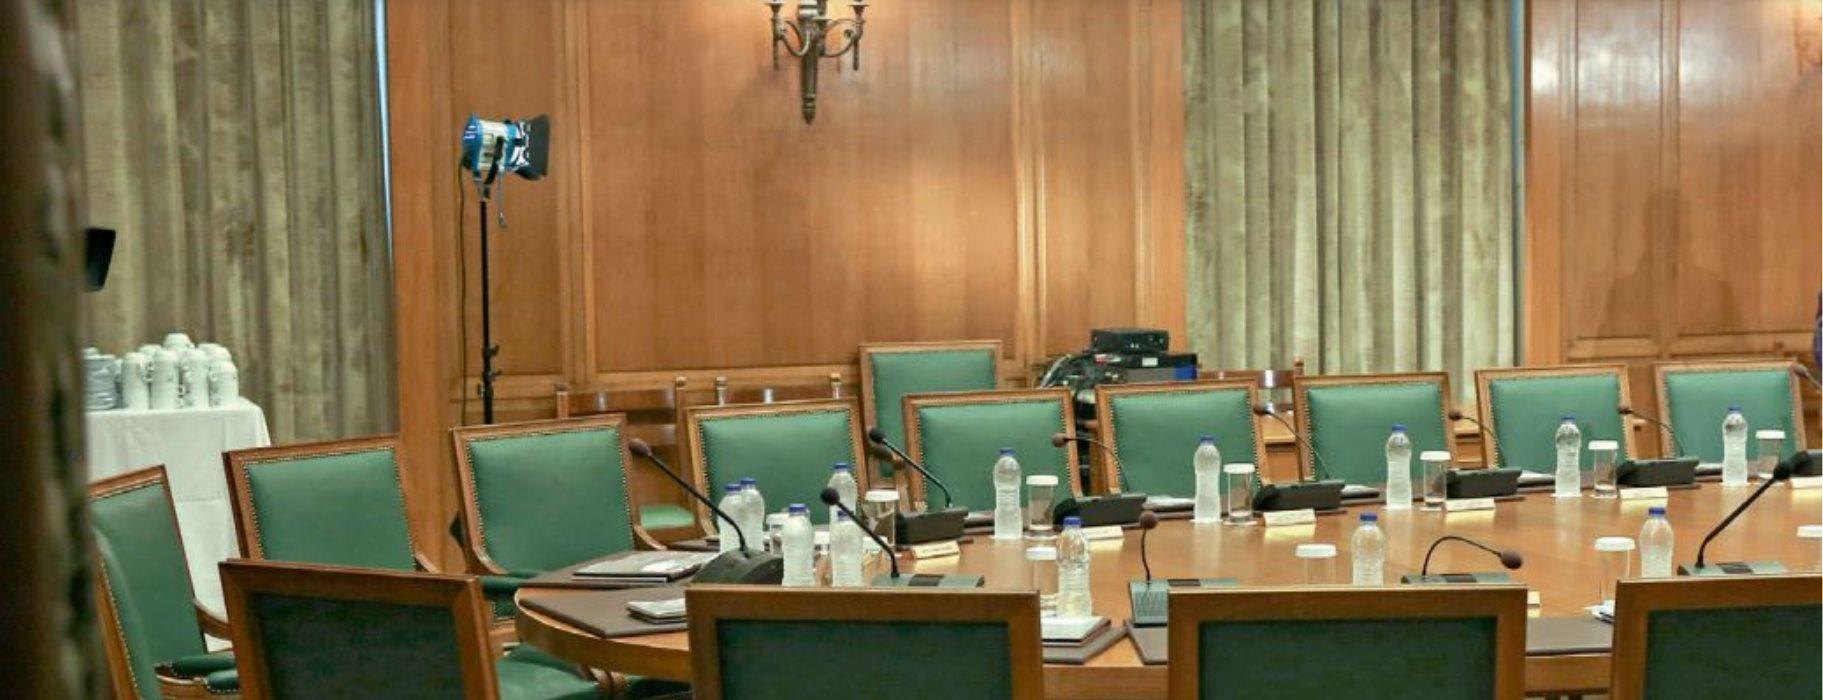 Ανασχηματισμός: Υφυπουργός Ναυτιλίας ο Κώστας Κατσαφάδος- Το νέο υπουργικό σχήμα